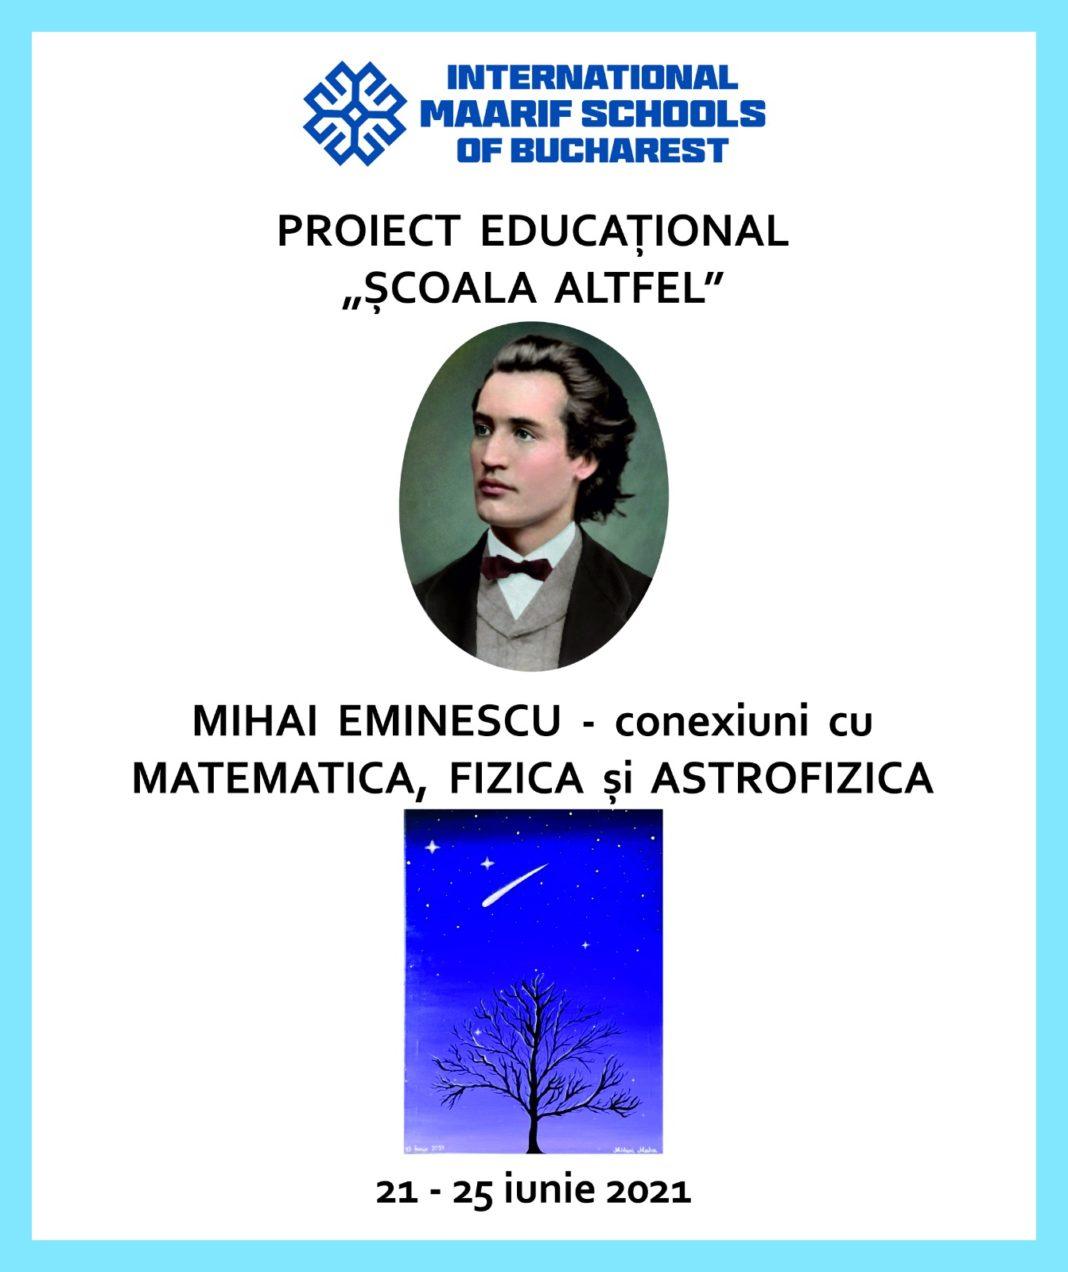 Mihai Eminescu – conexiuni cu Matematica, Fizica și Astrofizica